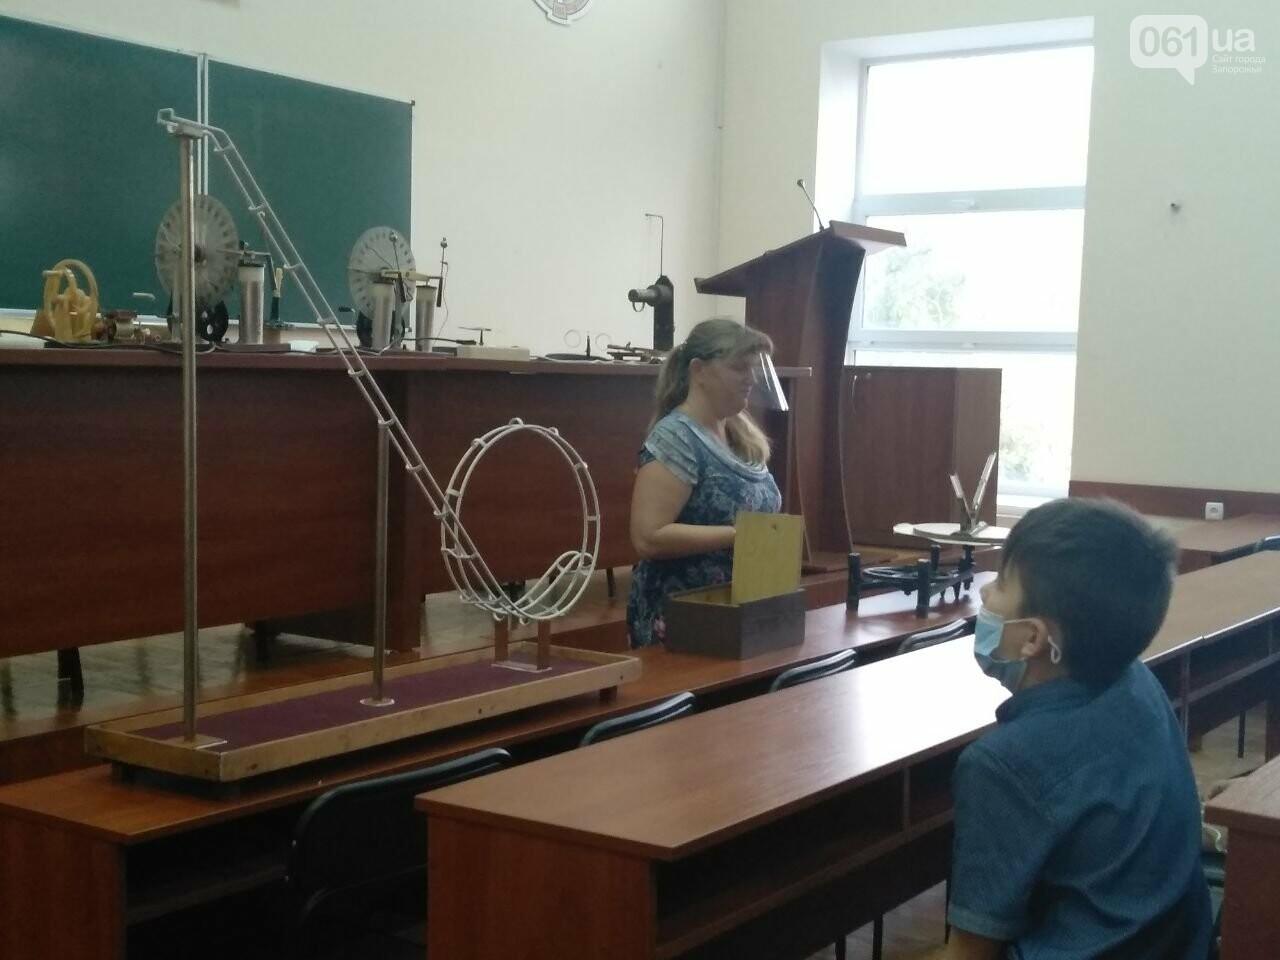 Роботы-официанты, ретро-экспонаты и физические эксперименты: как в Запорожье прошла «Ночь науки», фото-25